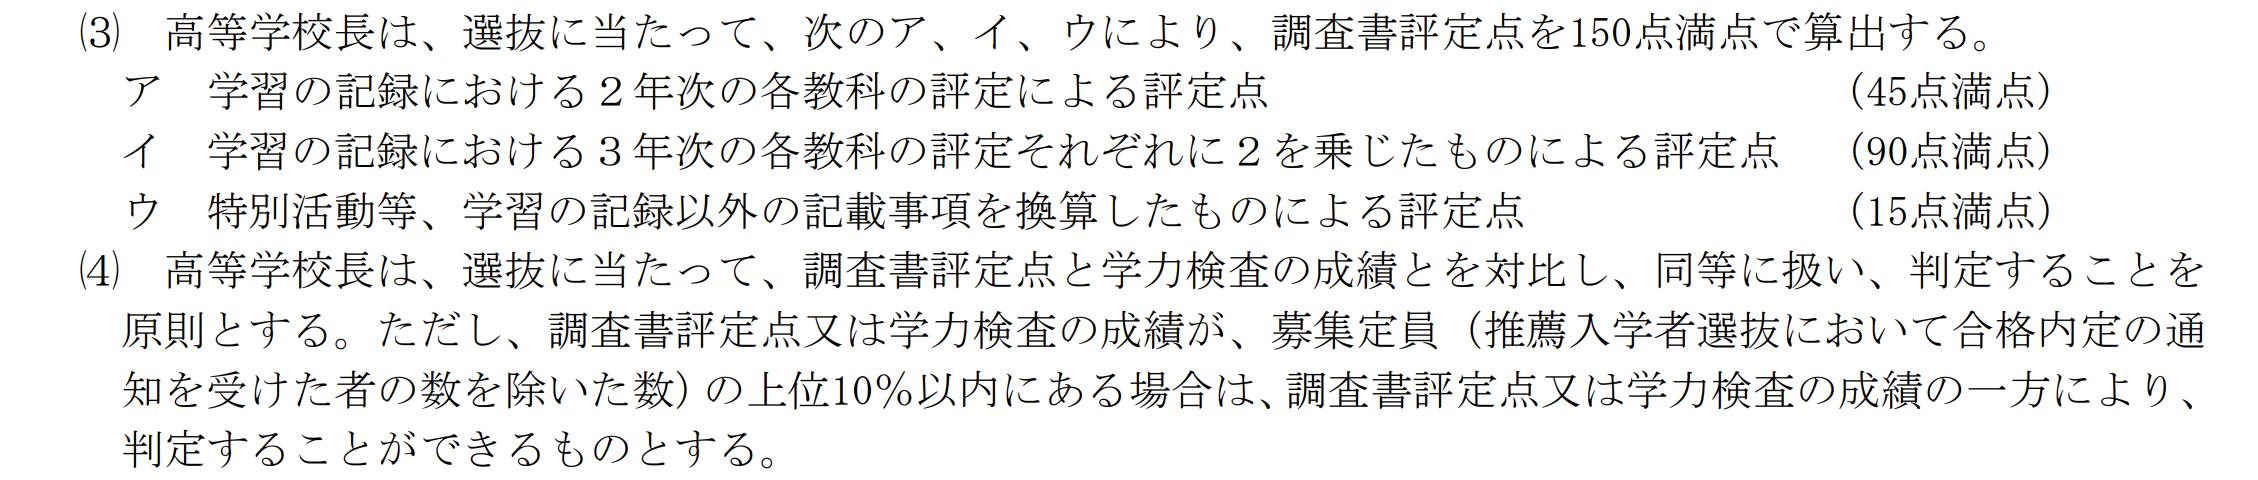 富山県公立高校入試制度2